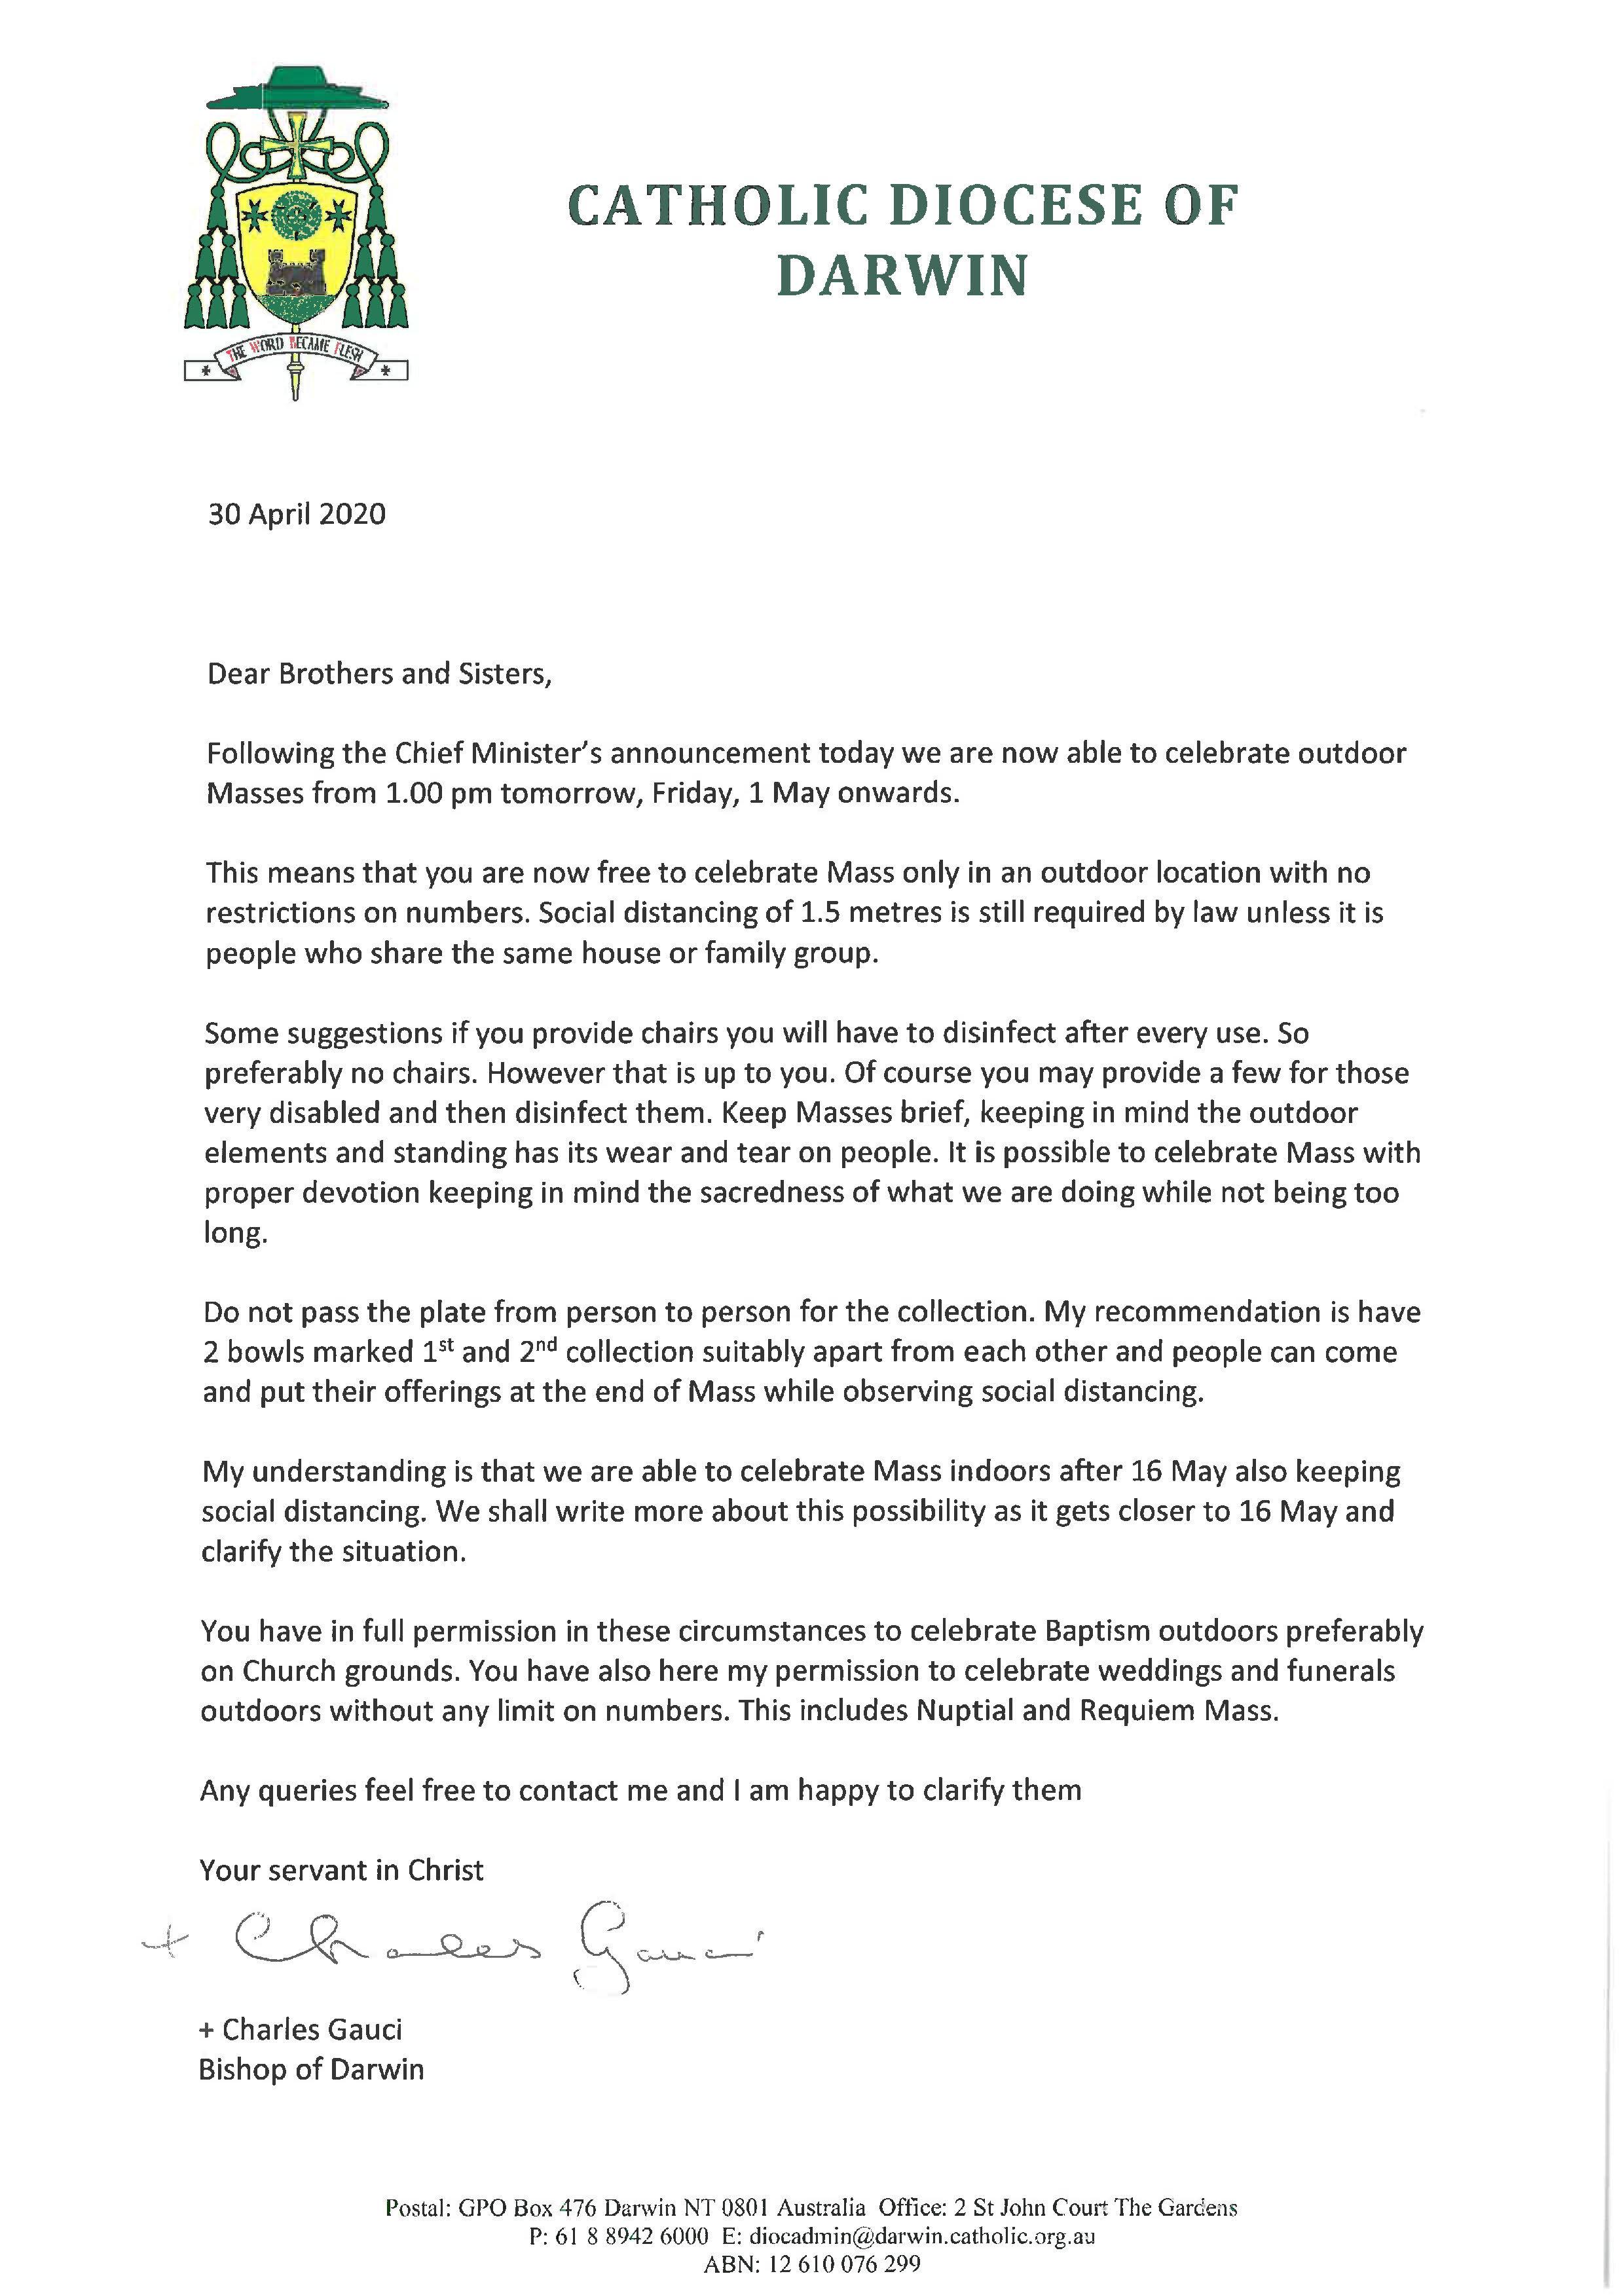 Bishop Charles Letter 30 April 2020 (1).jpg